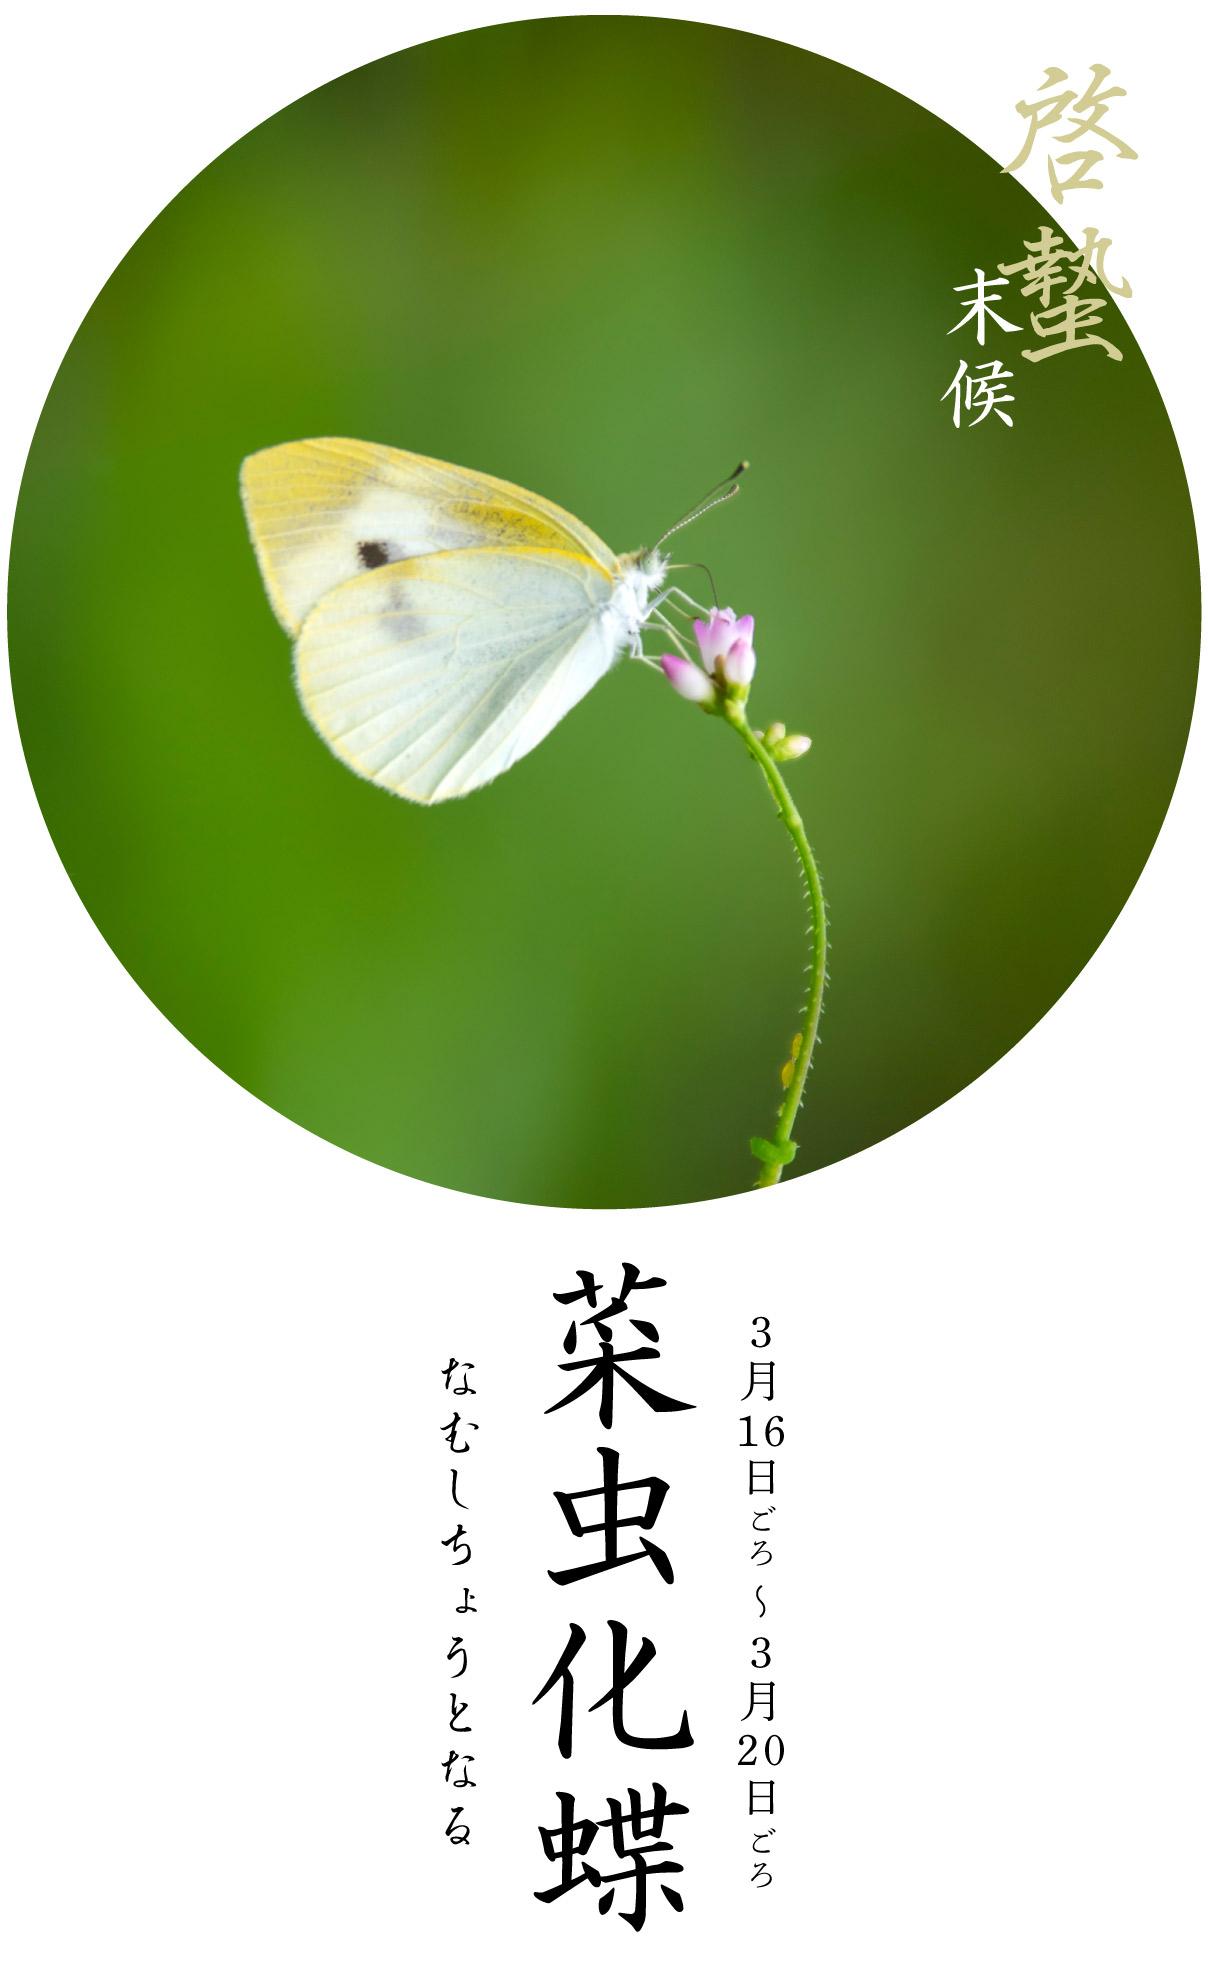 菜虫化蝶・なむしちょうとなる